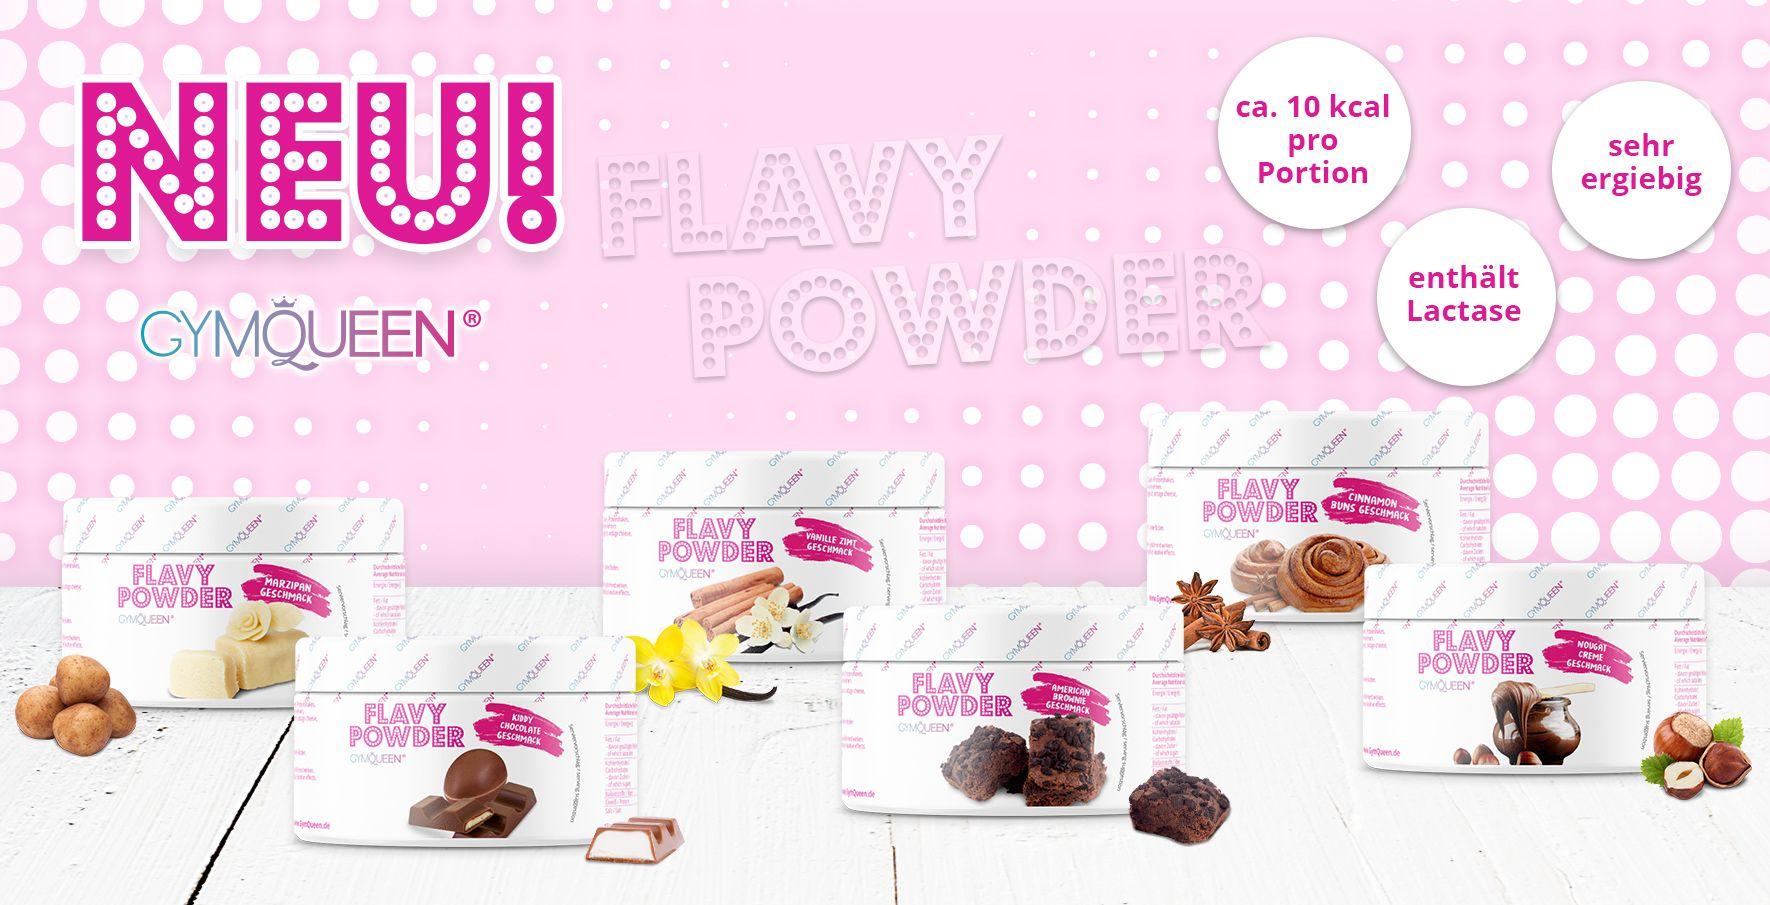 Das Banner zeigt die neuen Flavy Powder Geschmacksrichtungen.